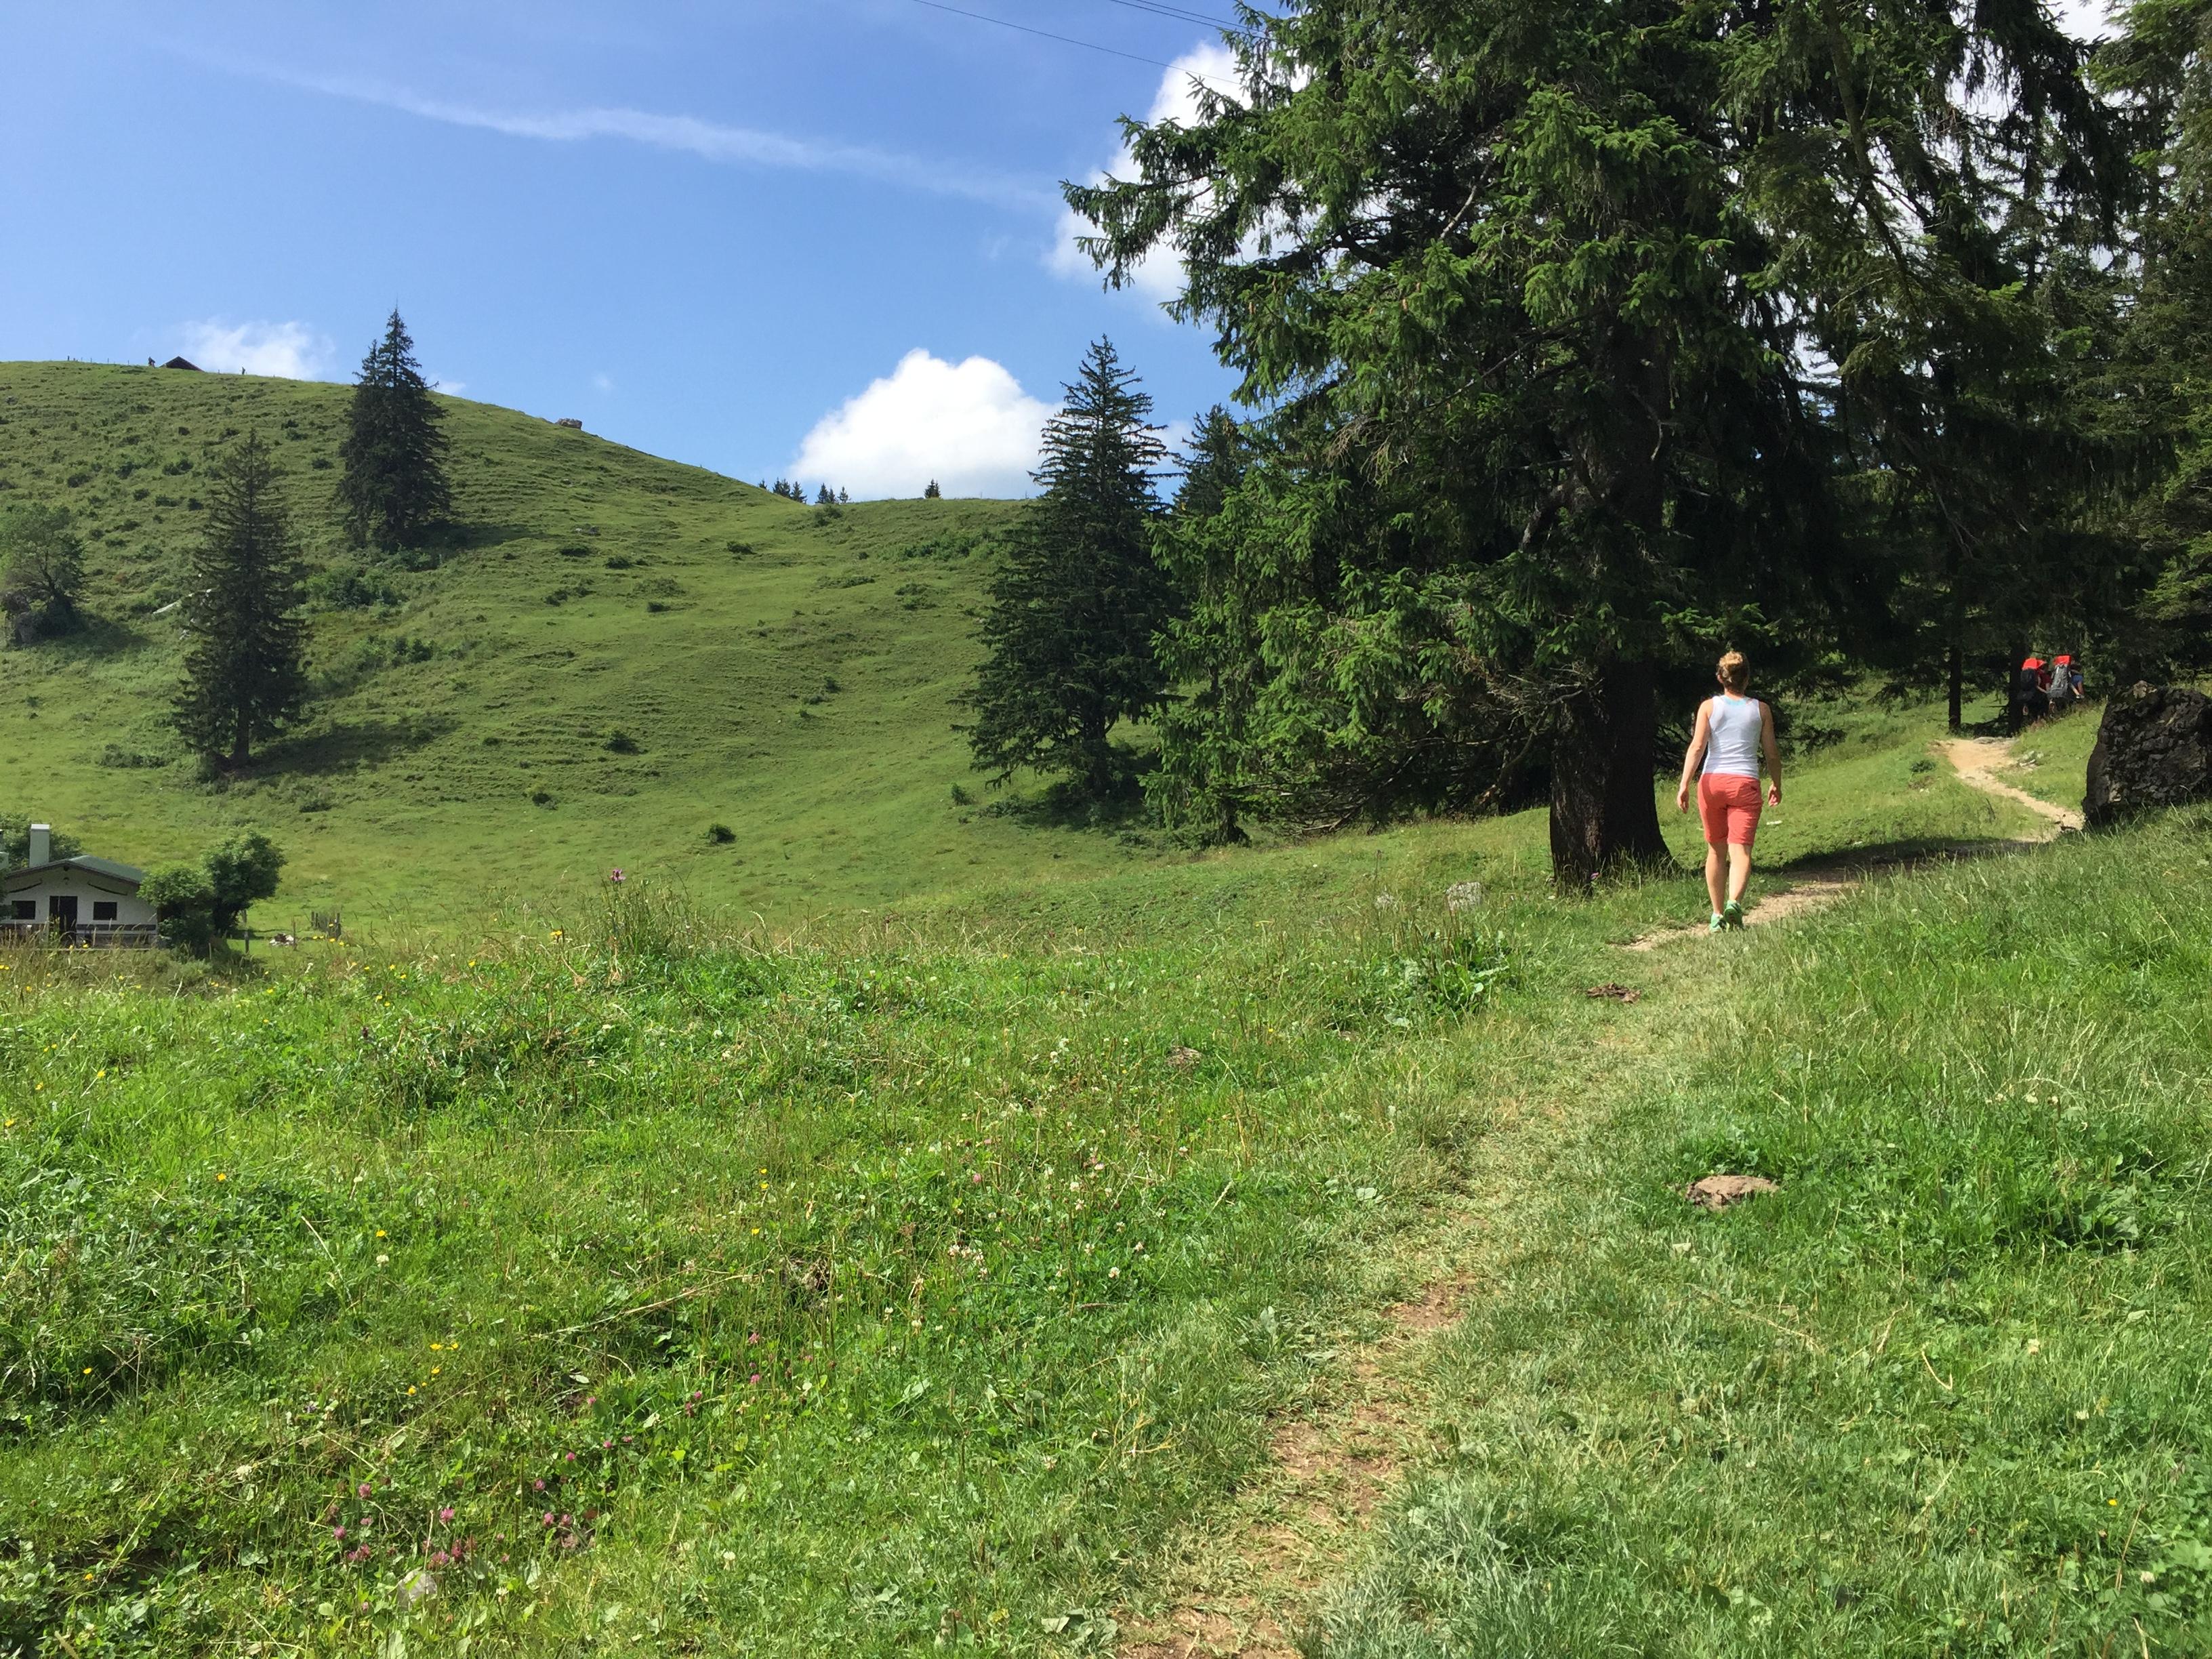 Auf dem Weg zur Bründling-Alm. Nach einem Waldstück geht es idyllisch an Alm-Wiesen bergauf.